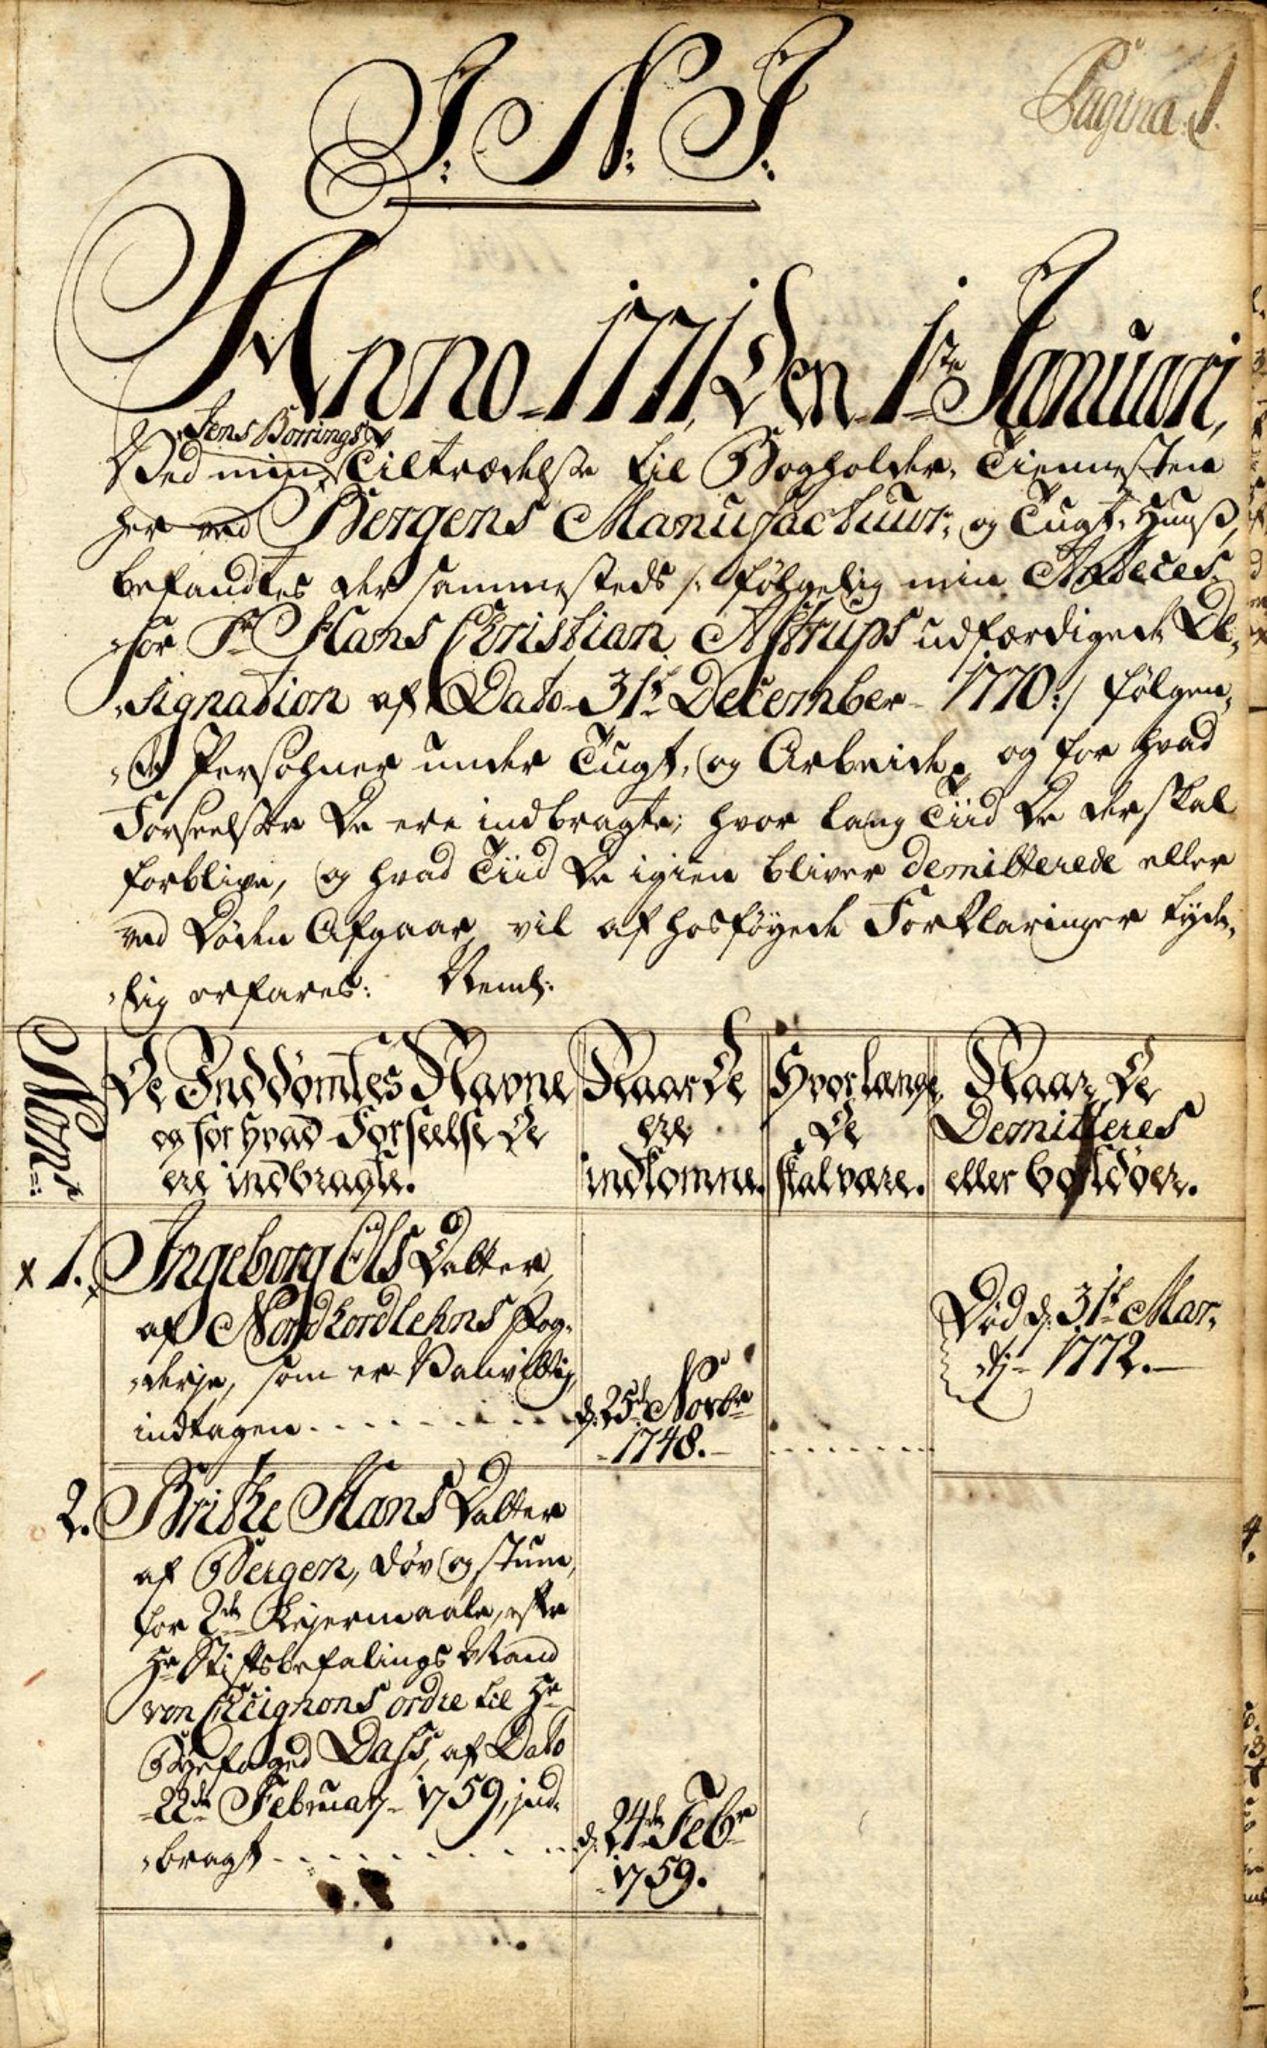 SAB, Bergen tukt- og manufakturhus, 1771-1776, p. 1